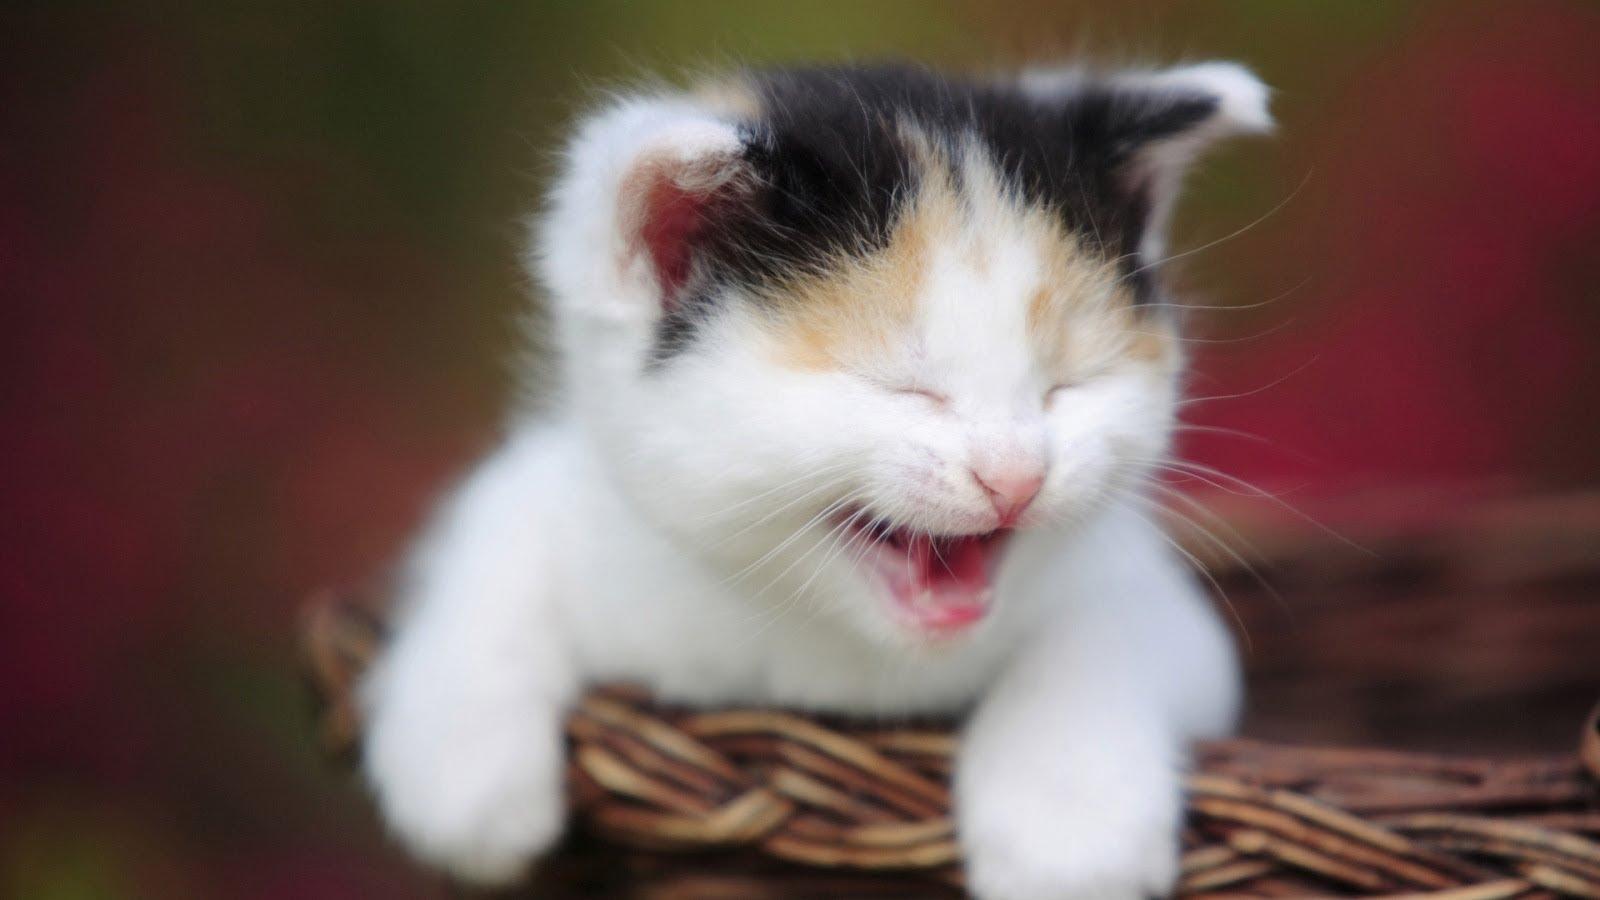 بالصور صور قطط جميلة , شاهد اجمل صور للقطط 3903 18